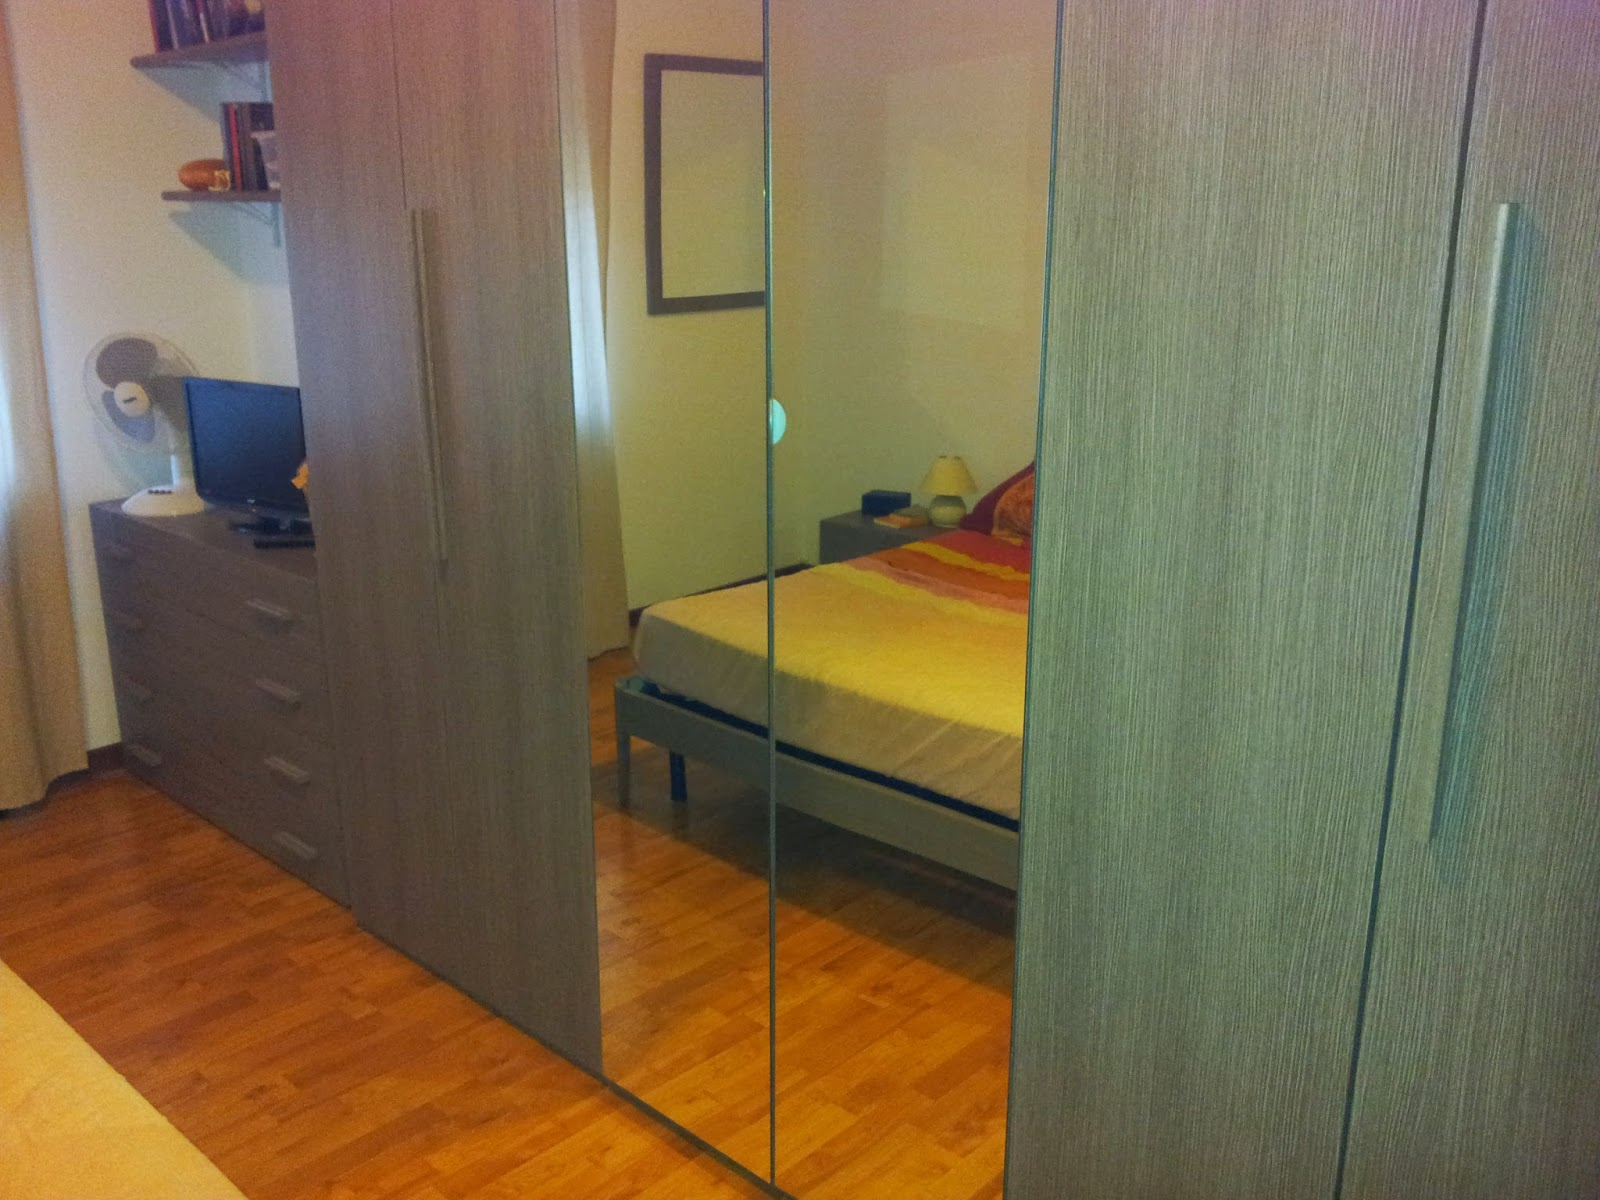 Appartamenti Vendita Trieste Privati Subito